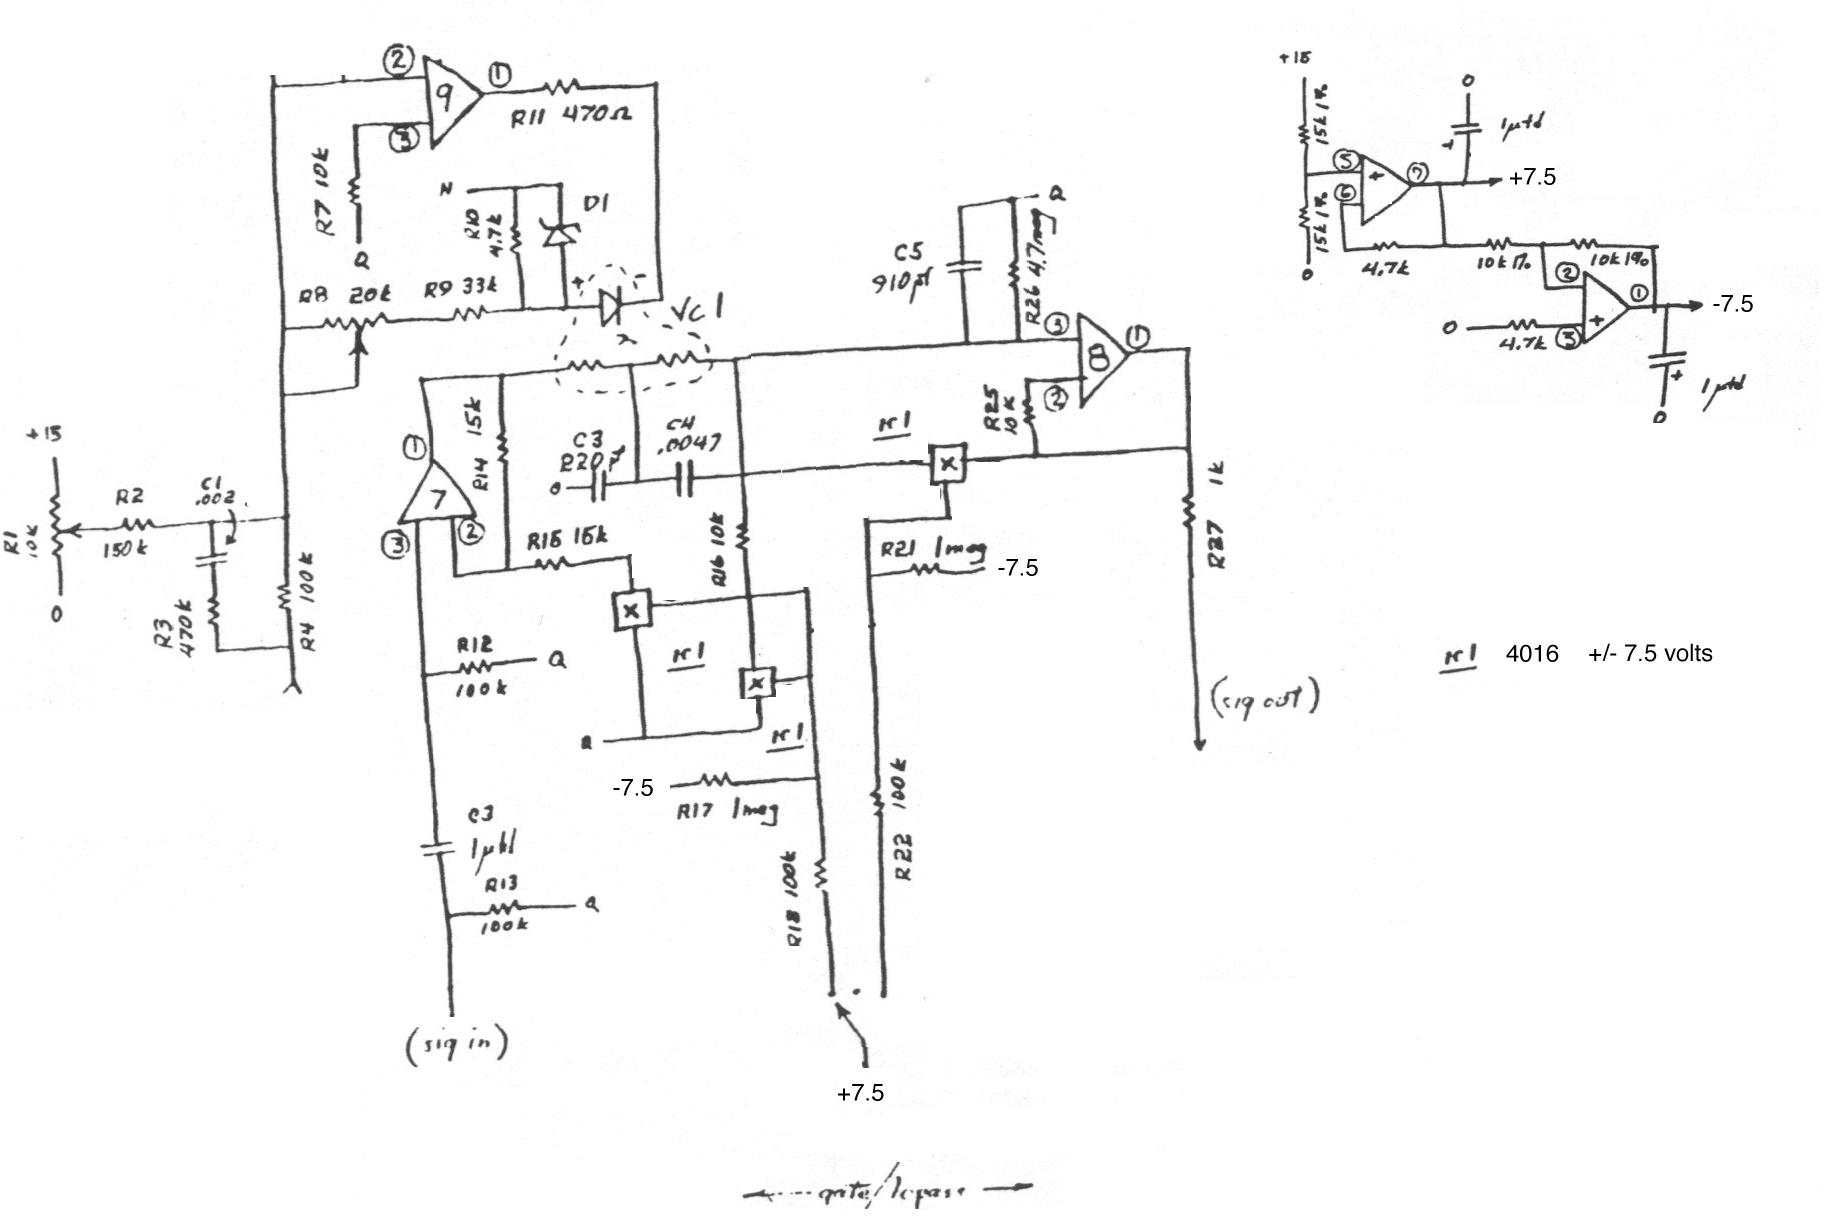 Intex Schematics